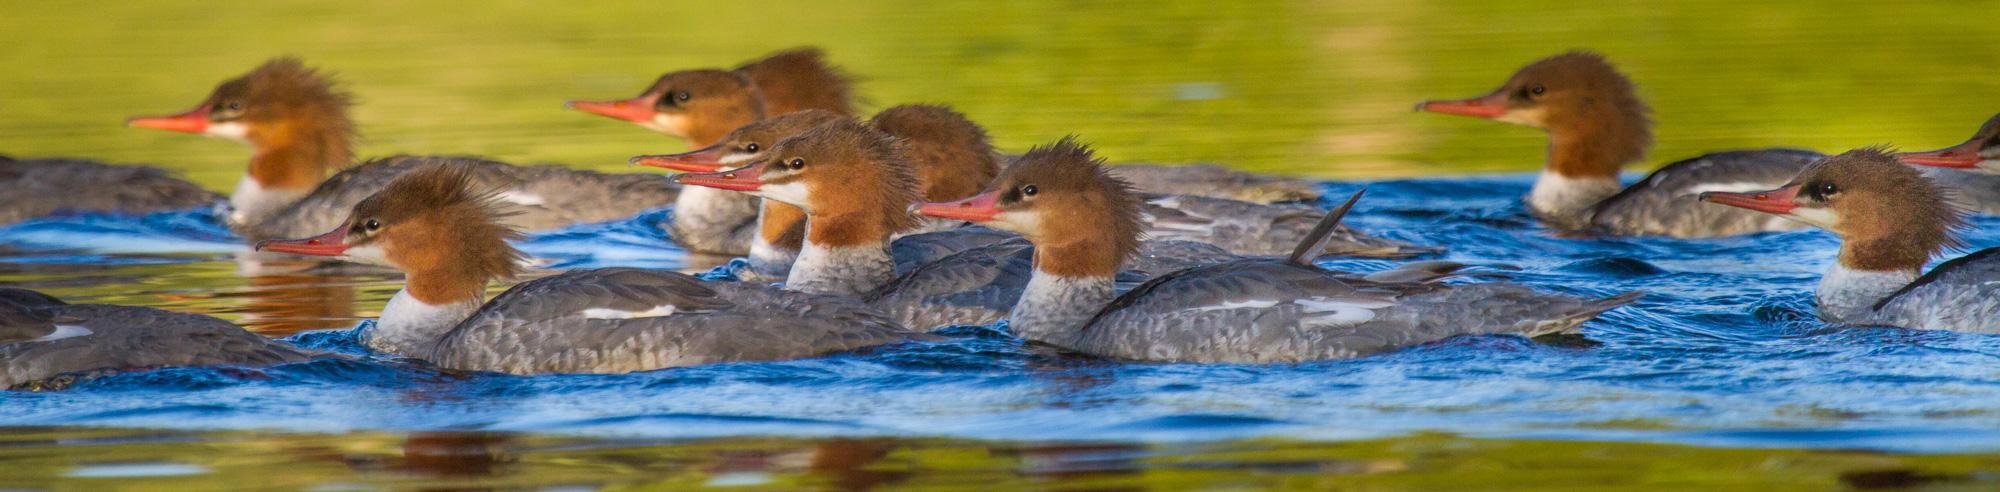 Merganser flock